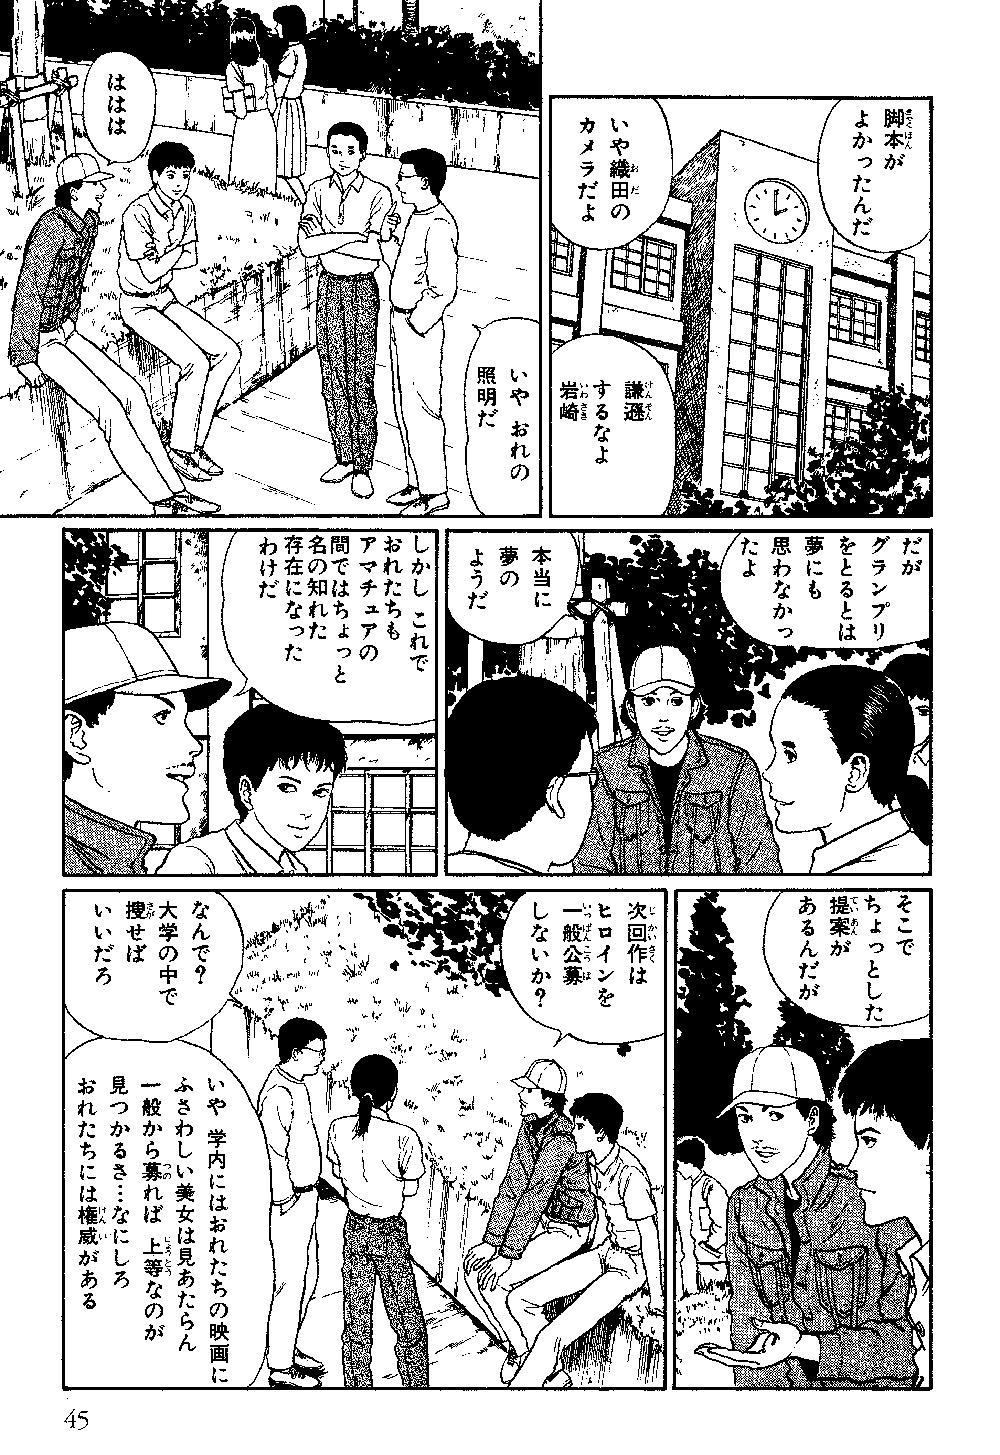 itouj_0006_0047.jpg